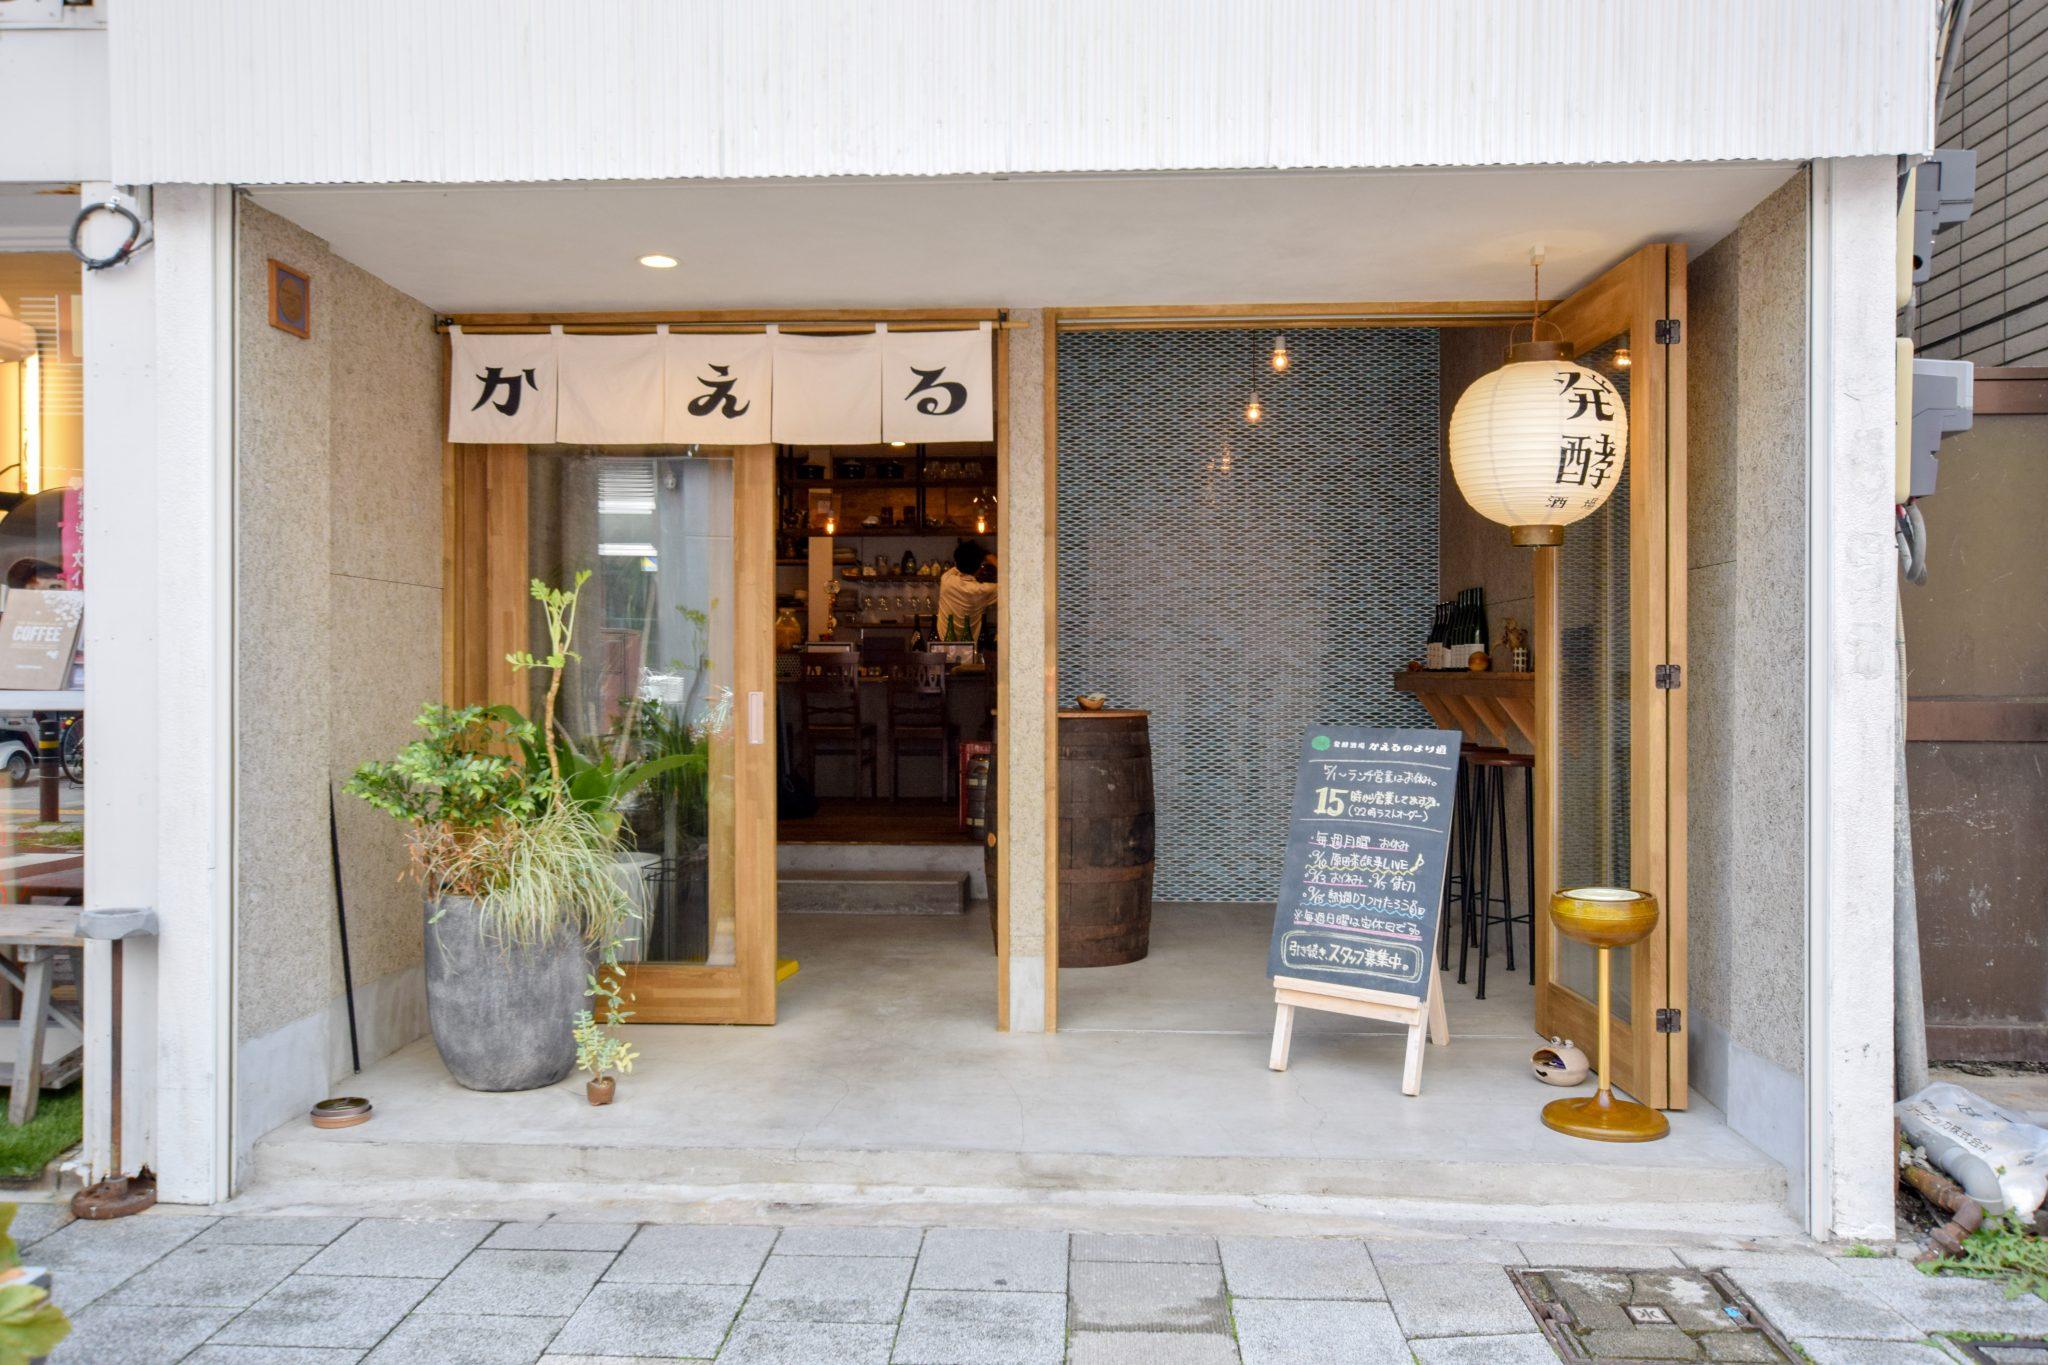 発酵酒場 かえるのより道 甲府市 グルメ 居酒屋 2